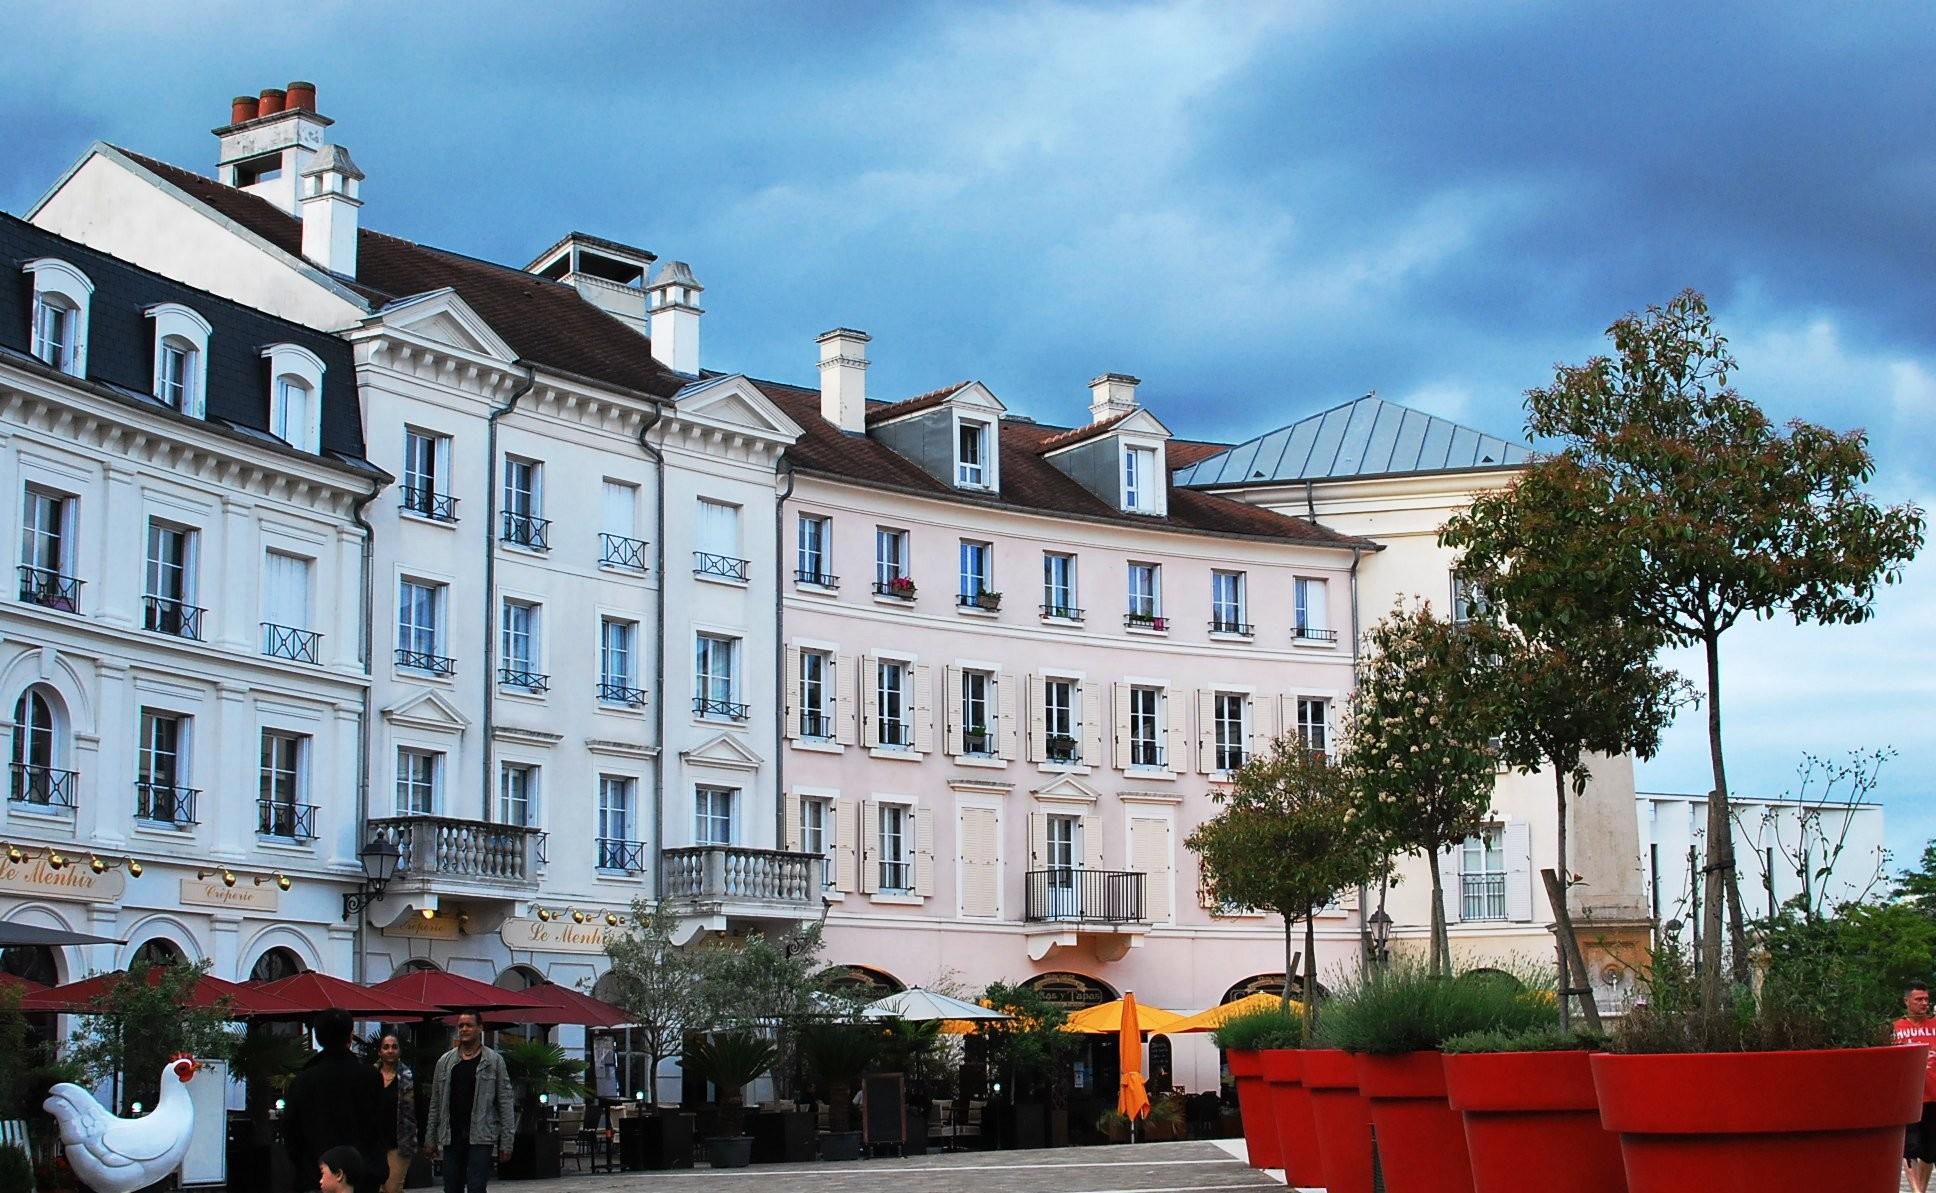 パリ近郊アウトレットモールで激安ブランドショッピング!日曜営業も素敵